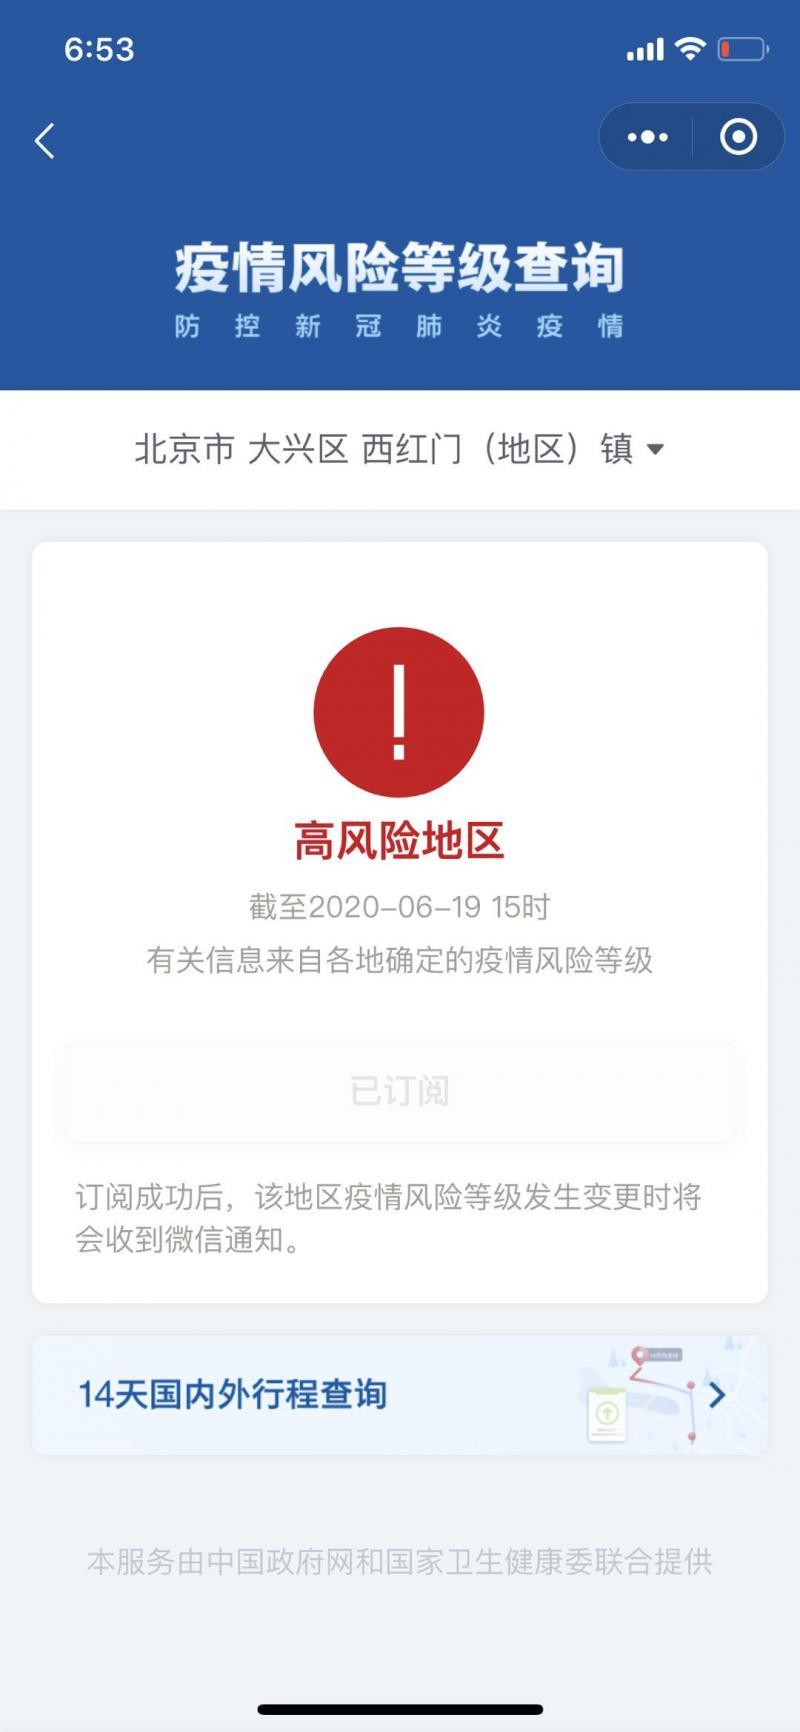 【搜索引擎优化培训】_注意!北京又有1个街道升级高风险 为大兴西红门镇